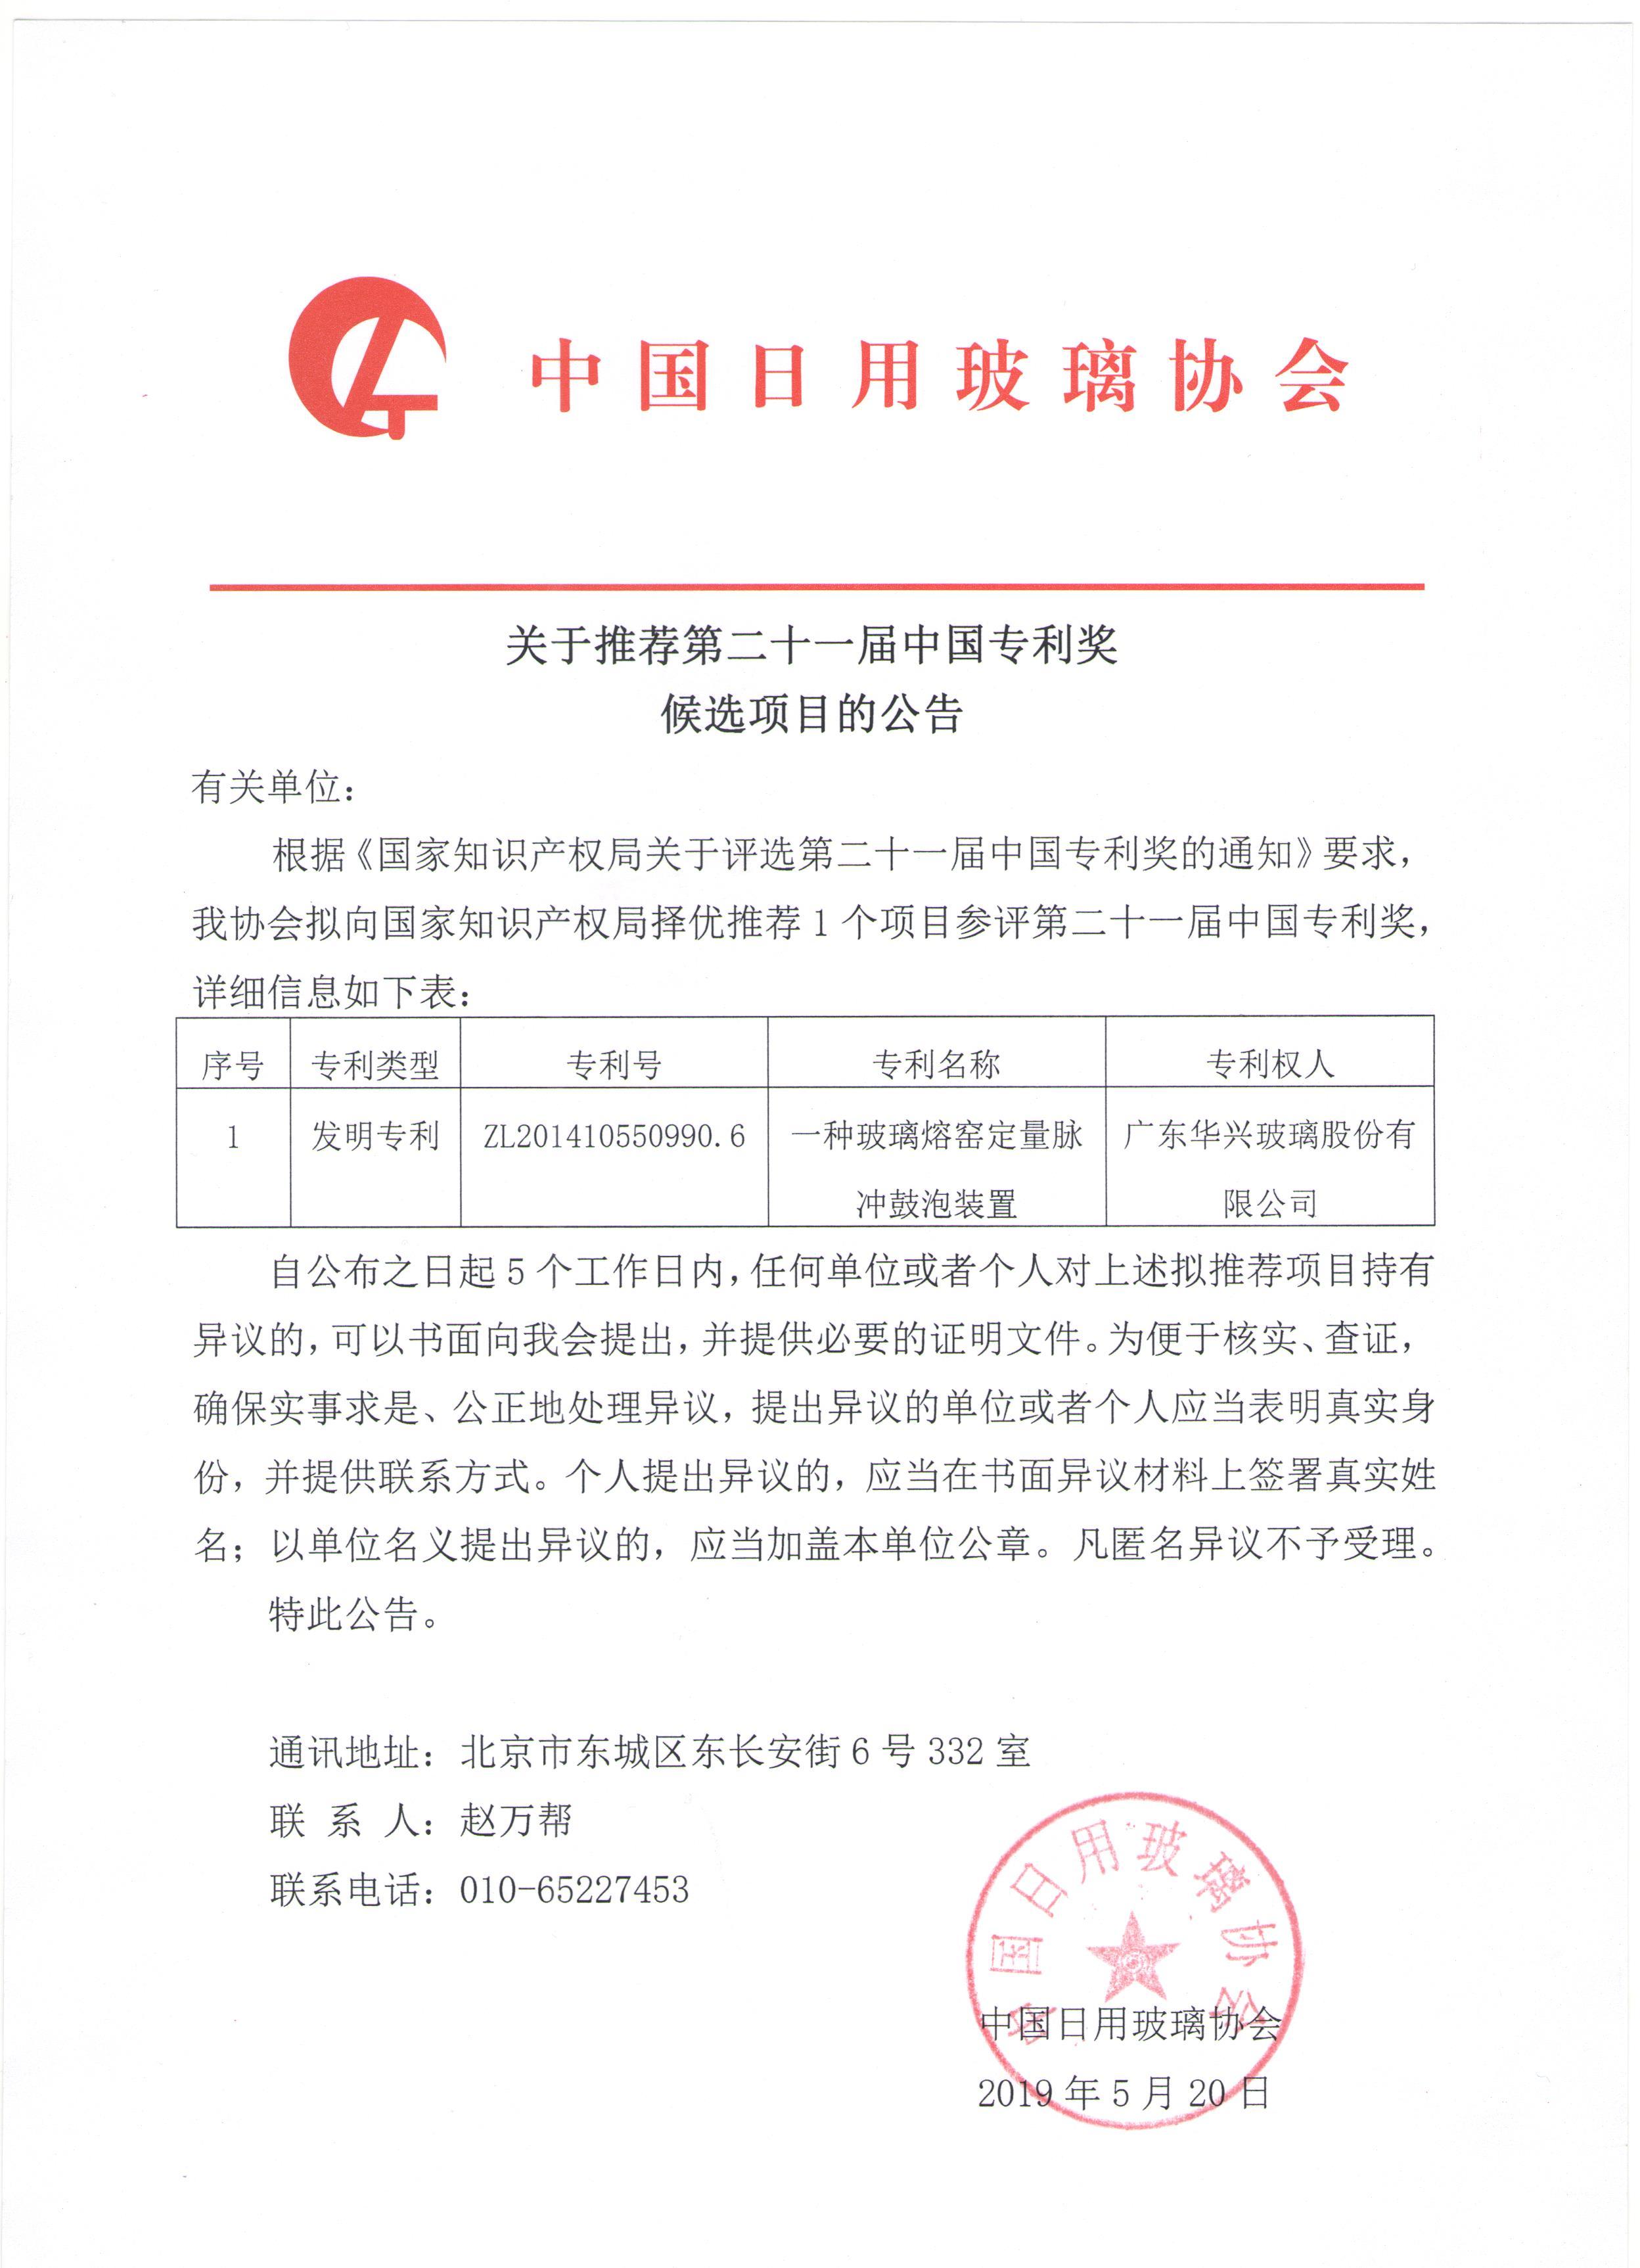 关于推荐第二十一届中国专利奖候选项目的公告